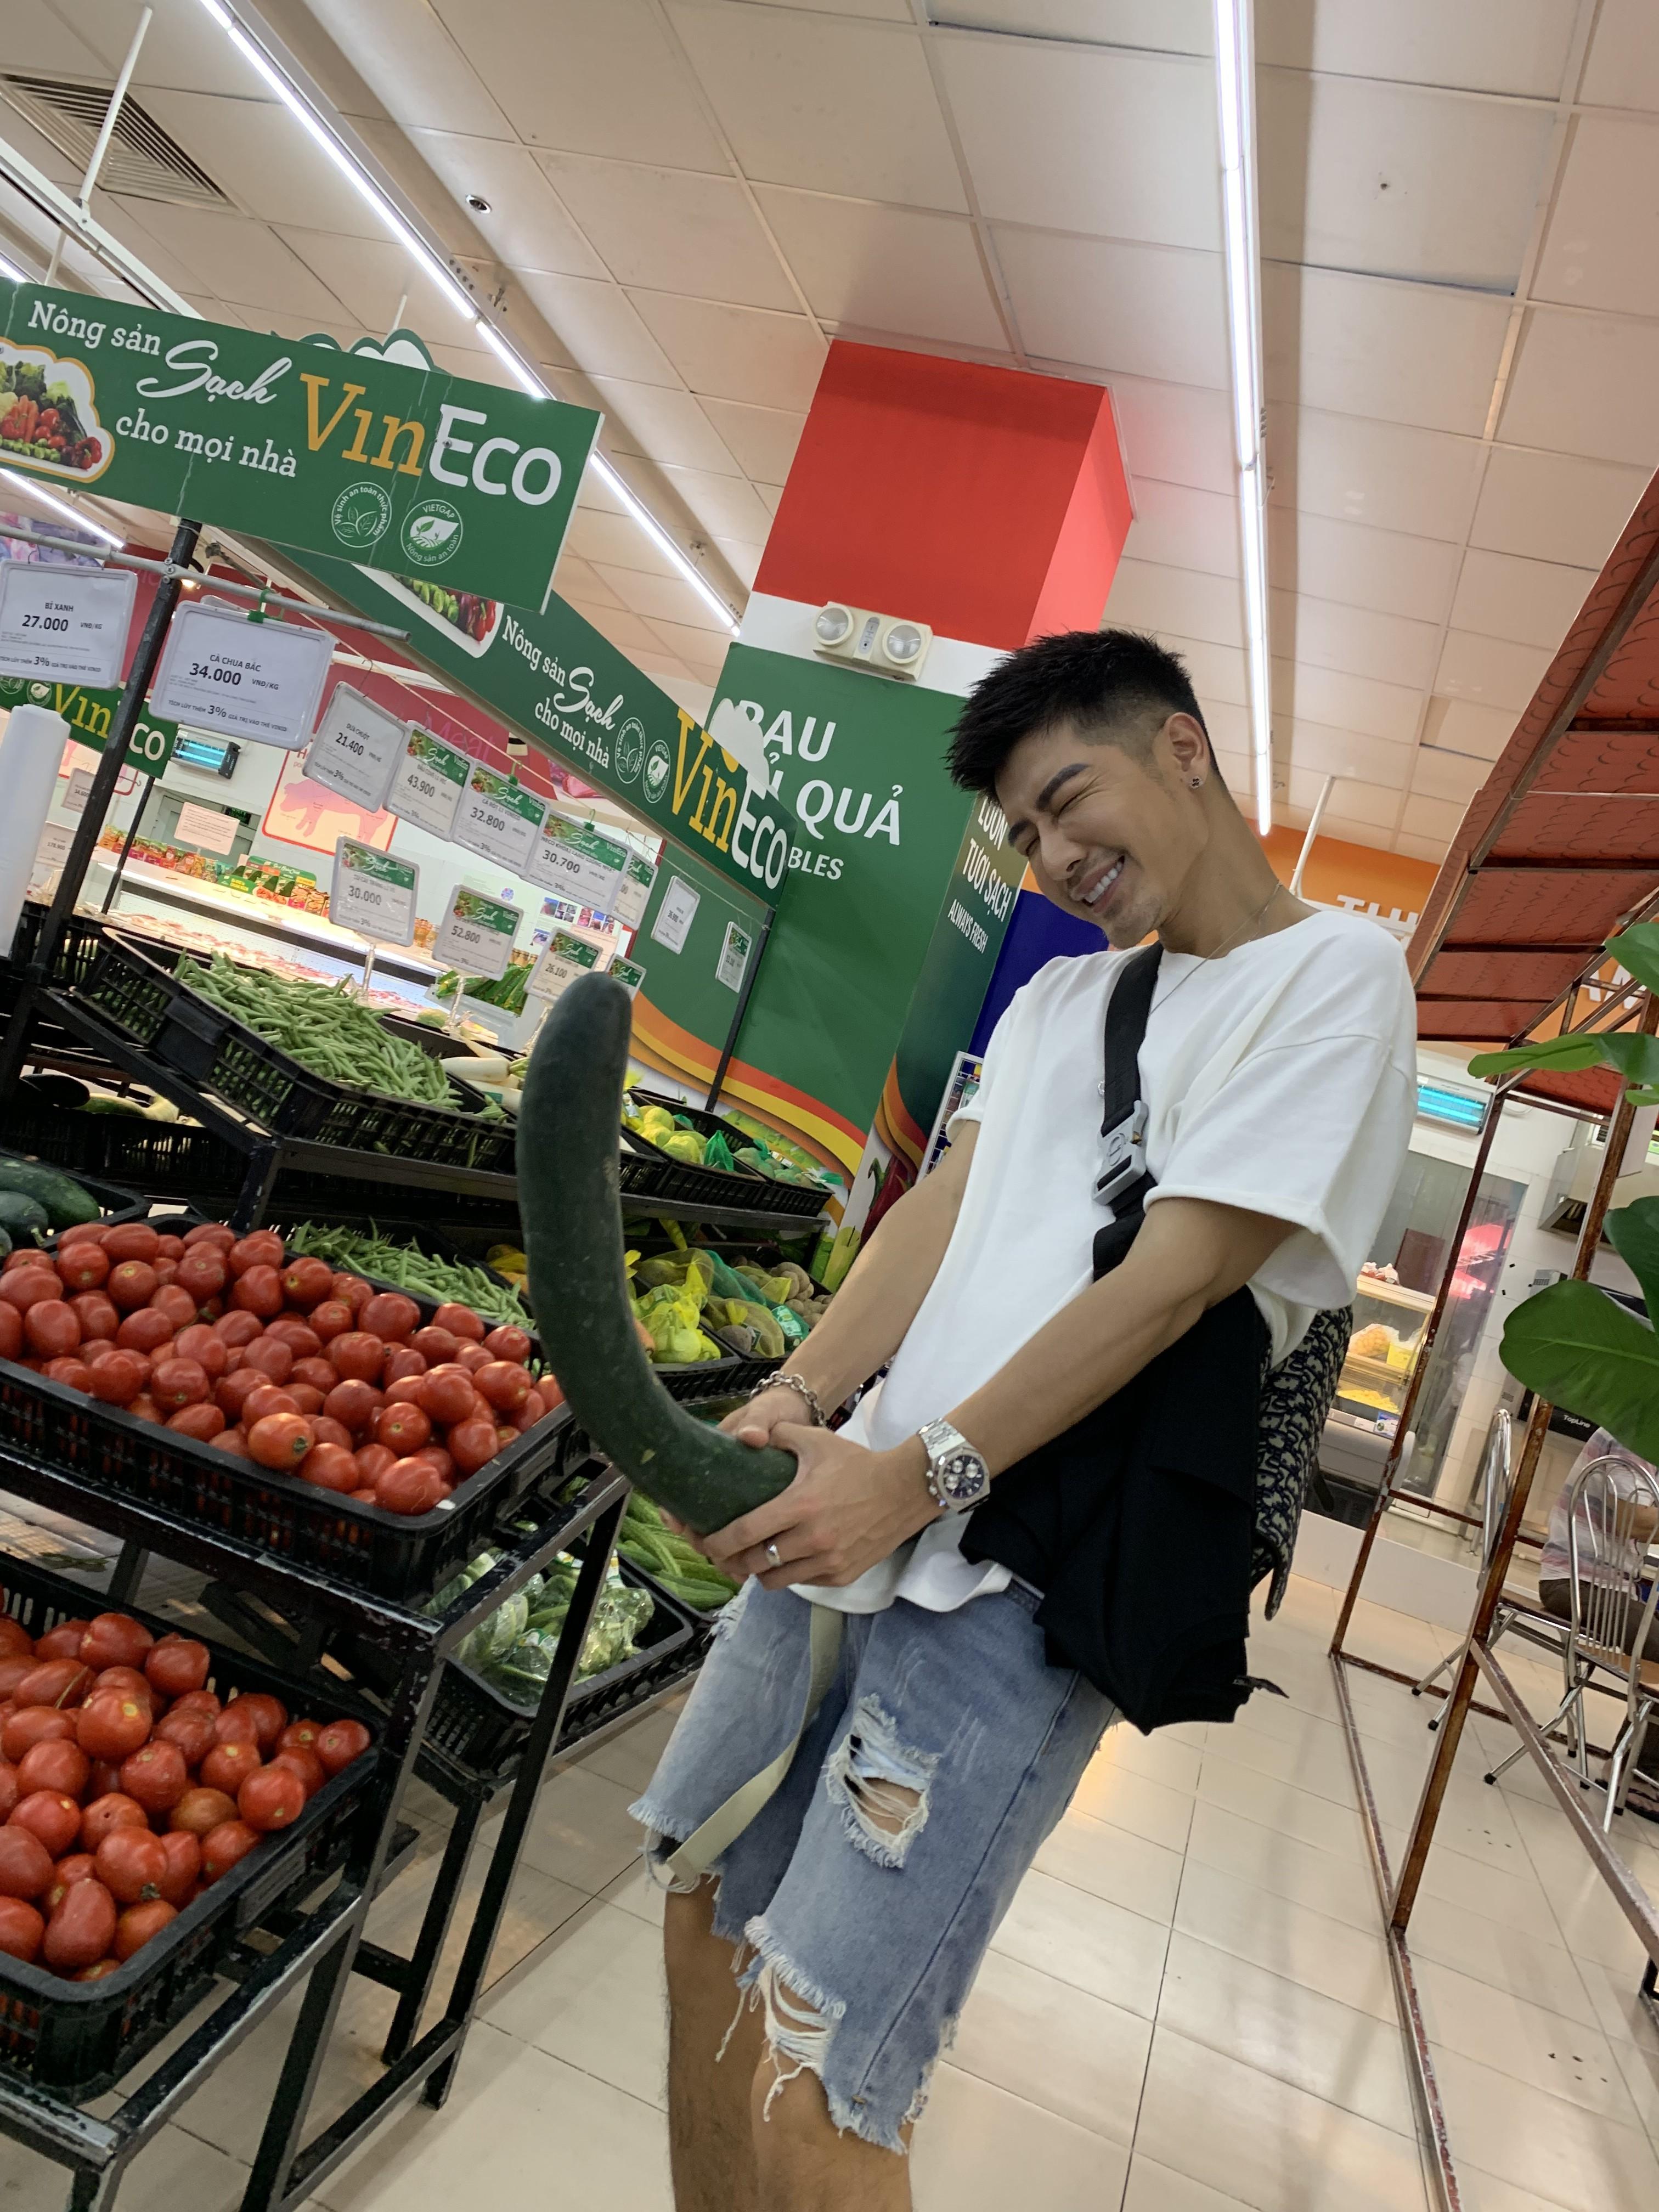 ▲森田喜歡逛當地的超市,才能更了解當地人的生活模式。